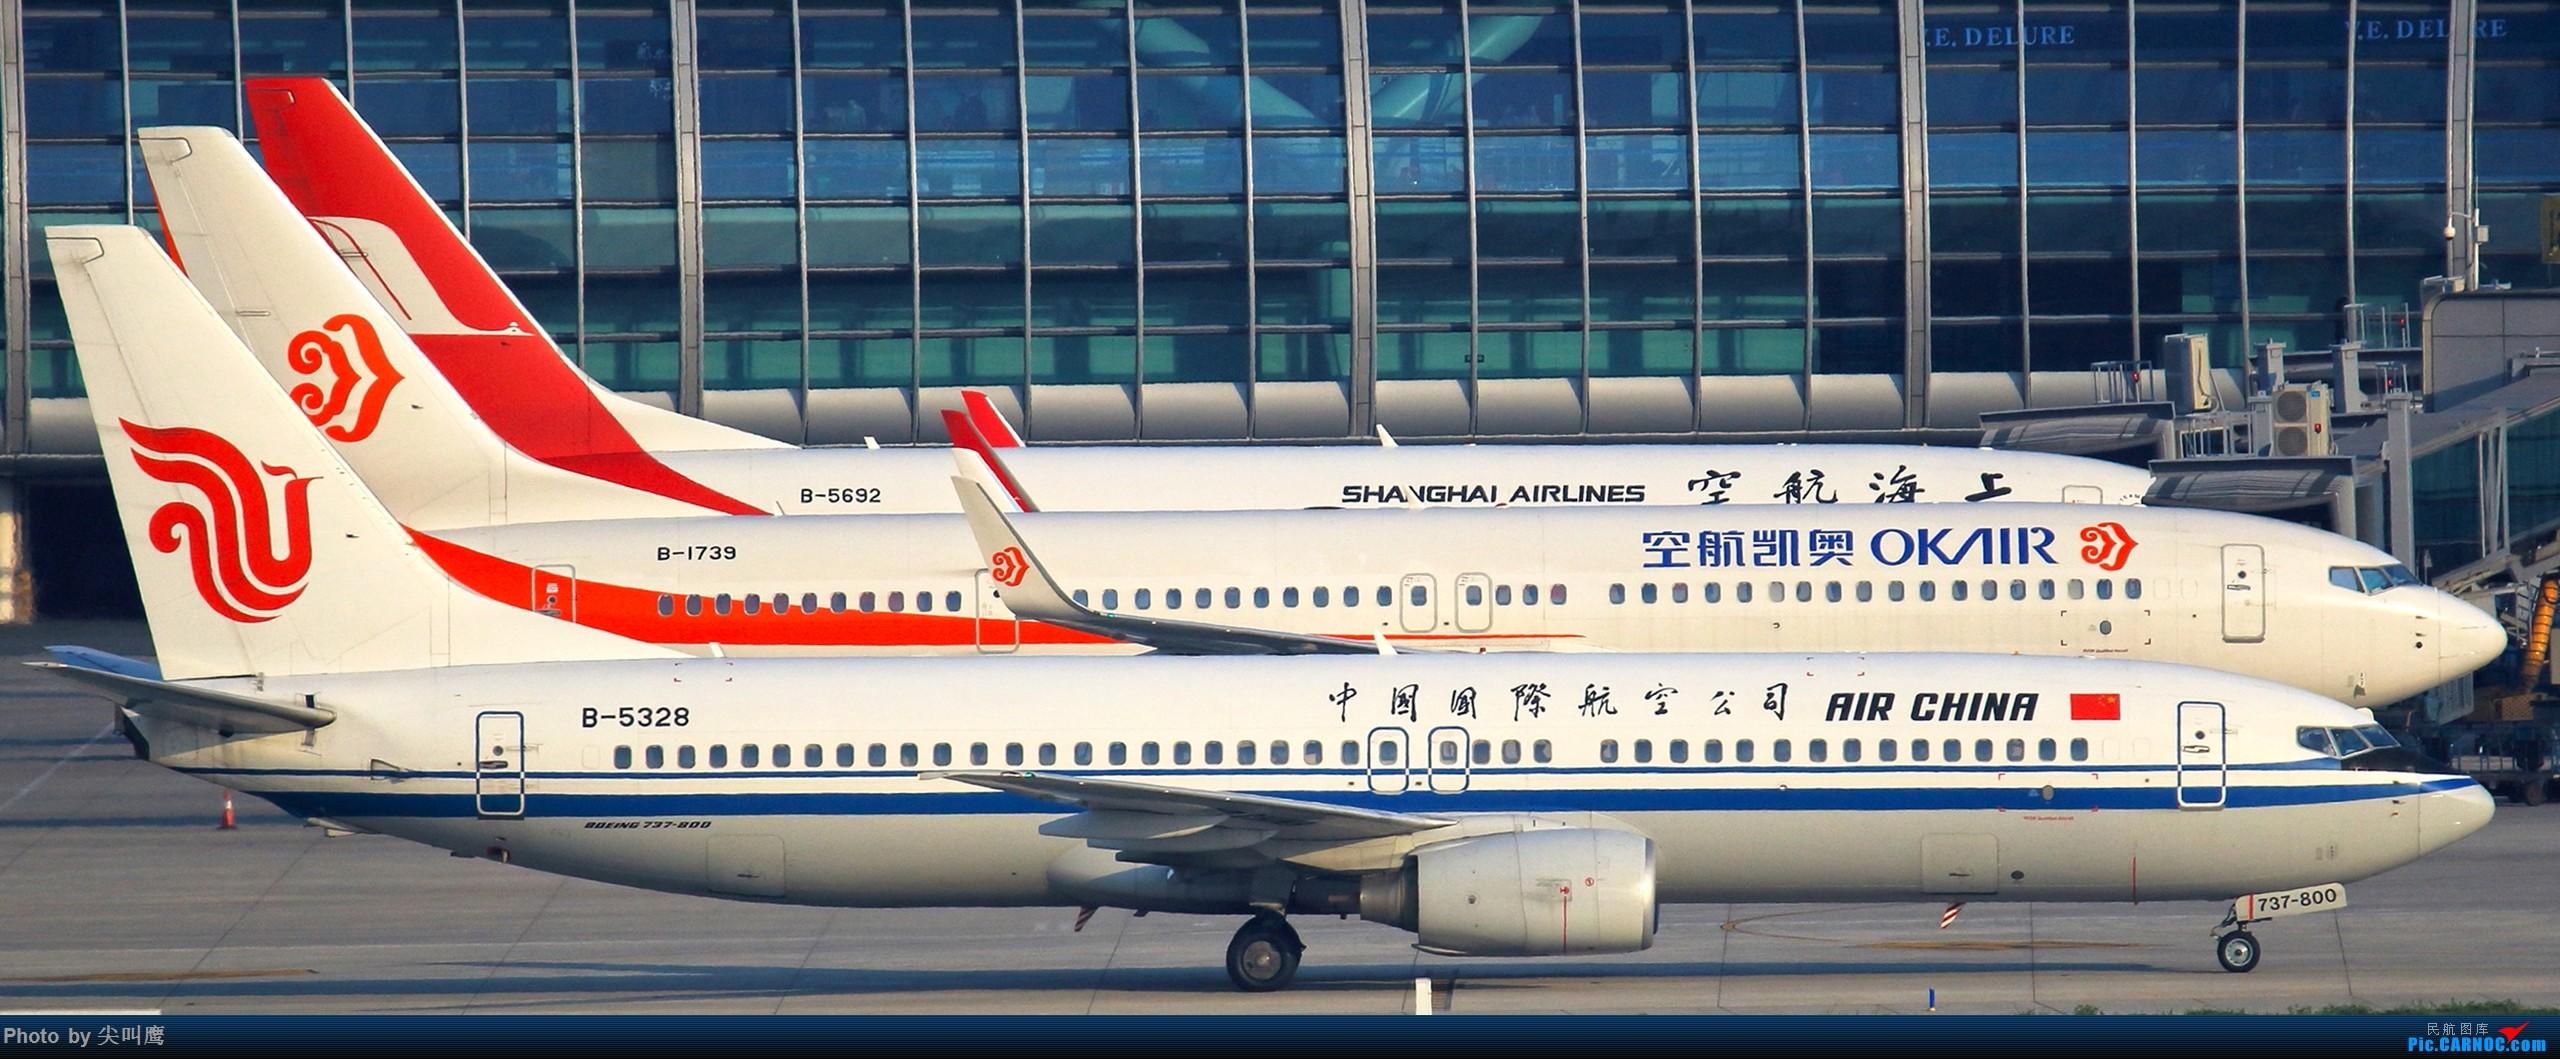 Re:[原创]737-800排排坐 BOEING 737-800 B-5328 中国南宁吴圩国际机场